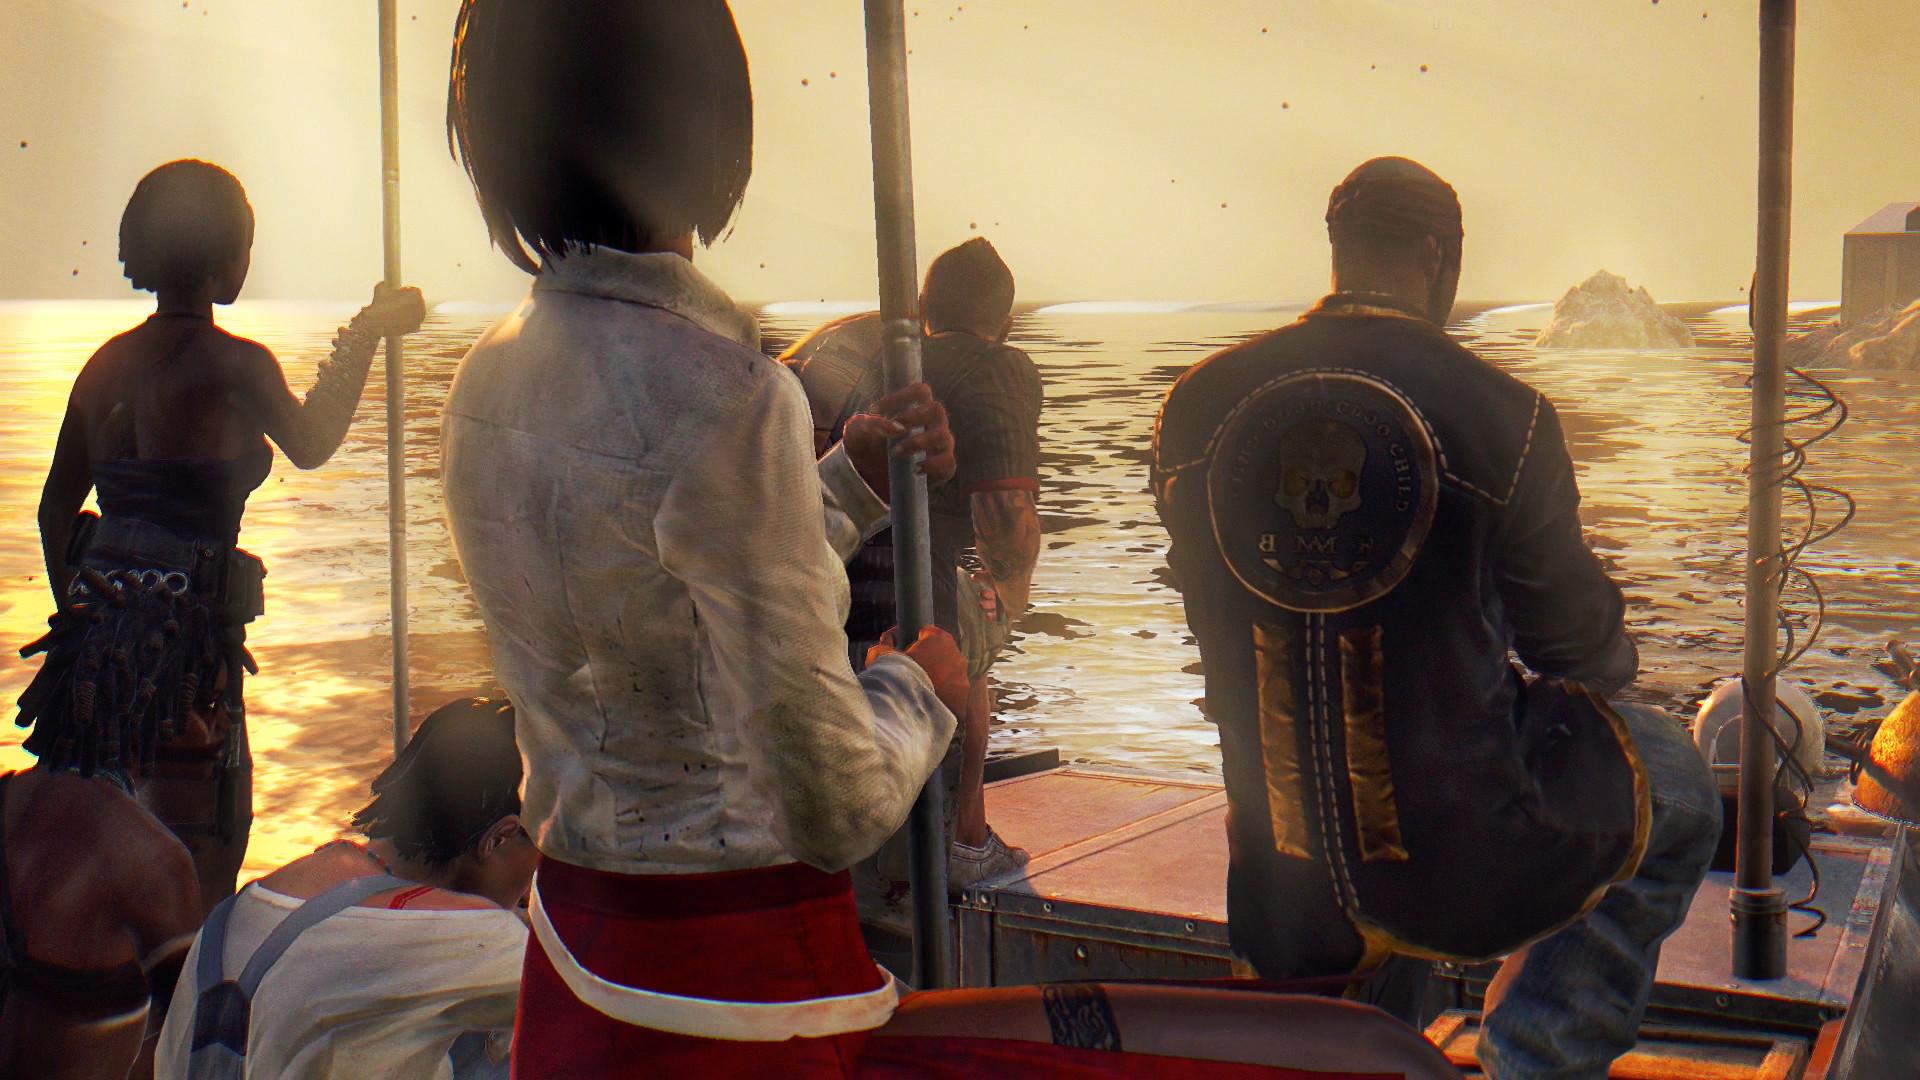 《死亡岛:终极版》媒体评分